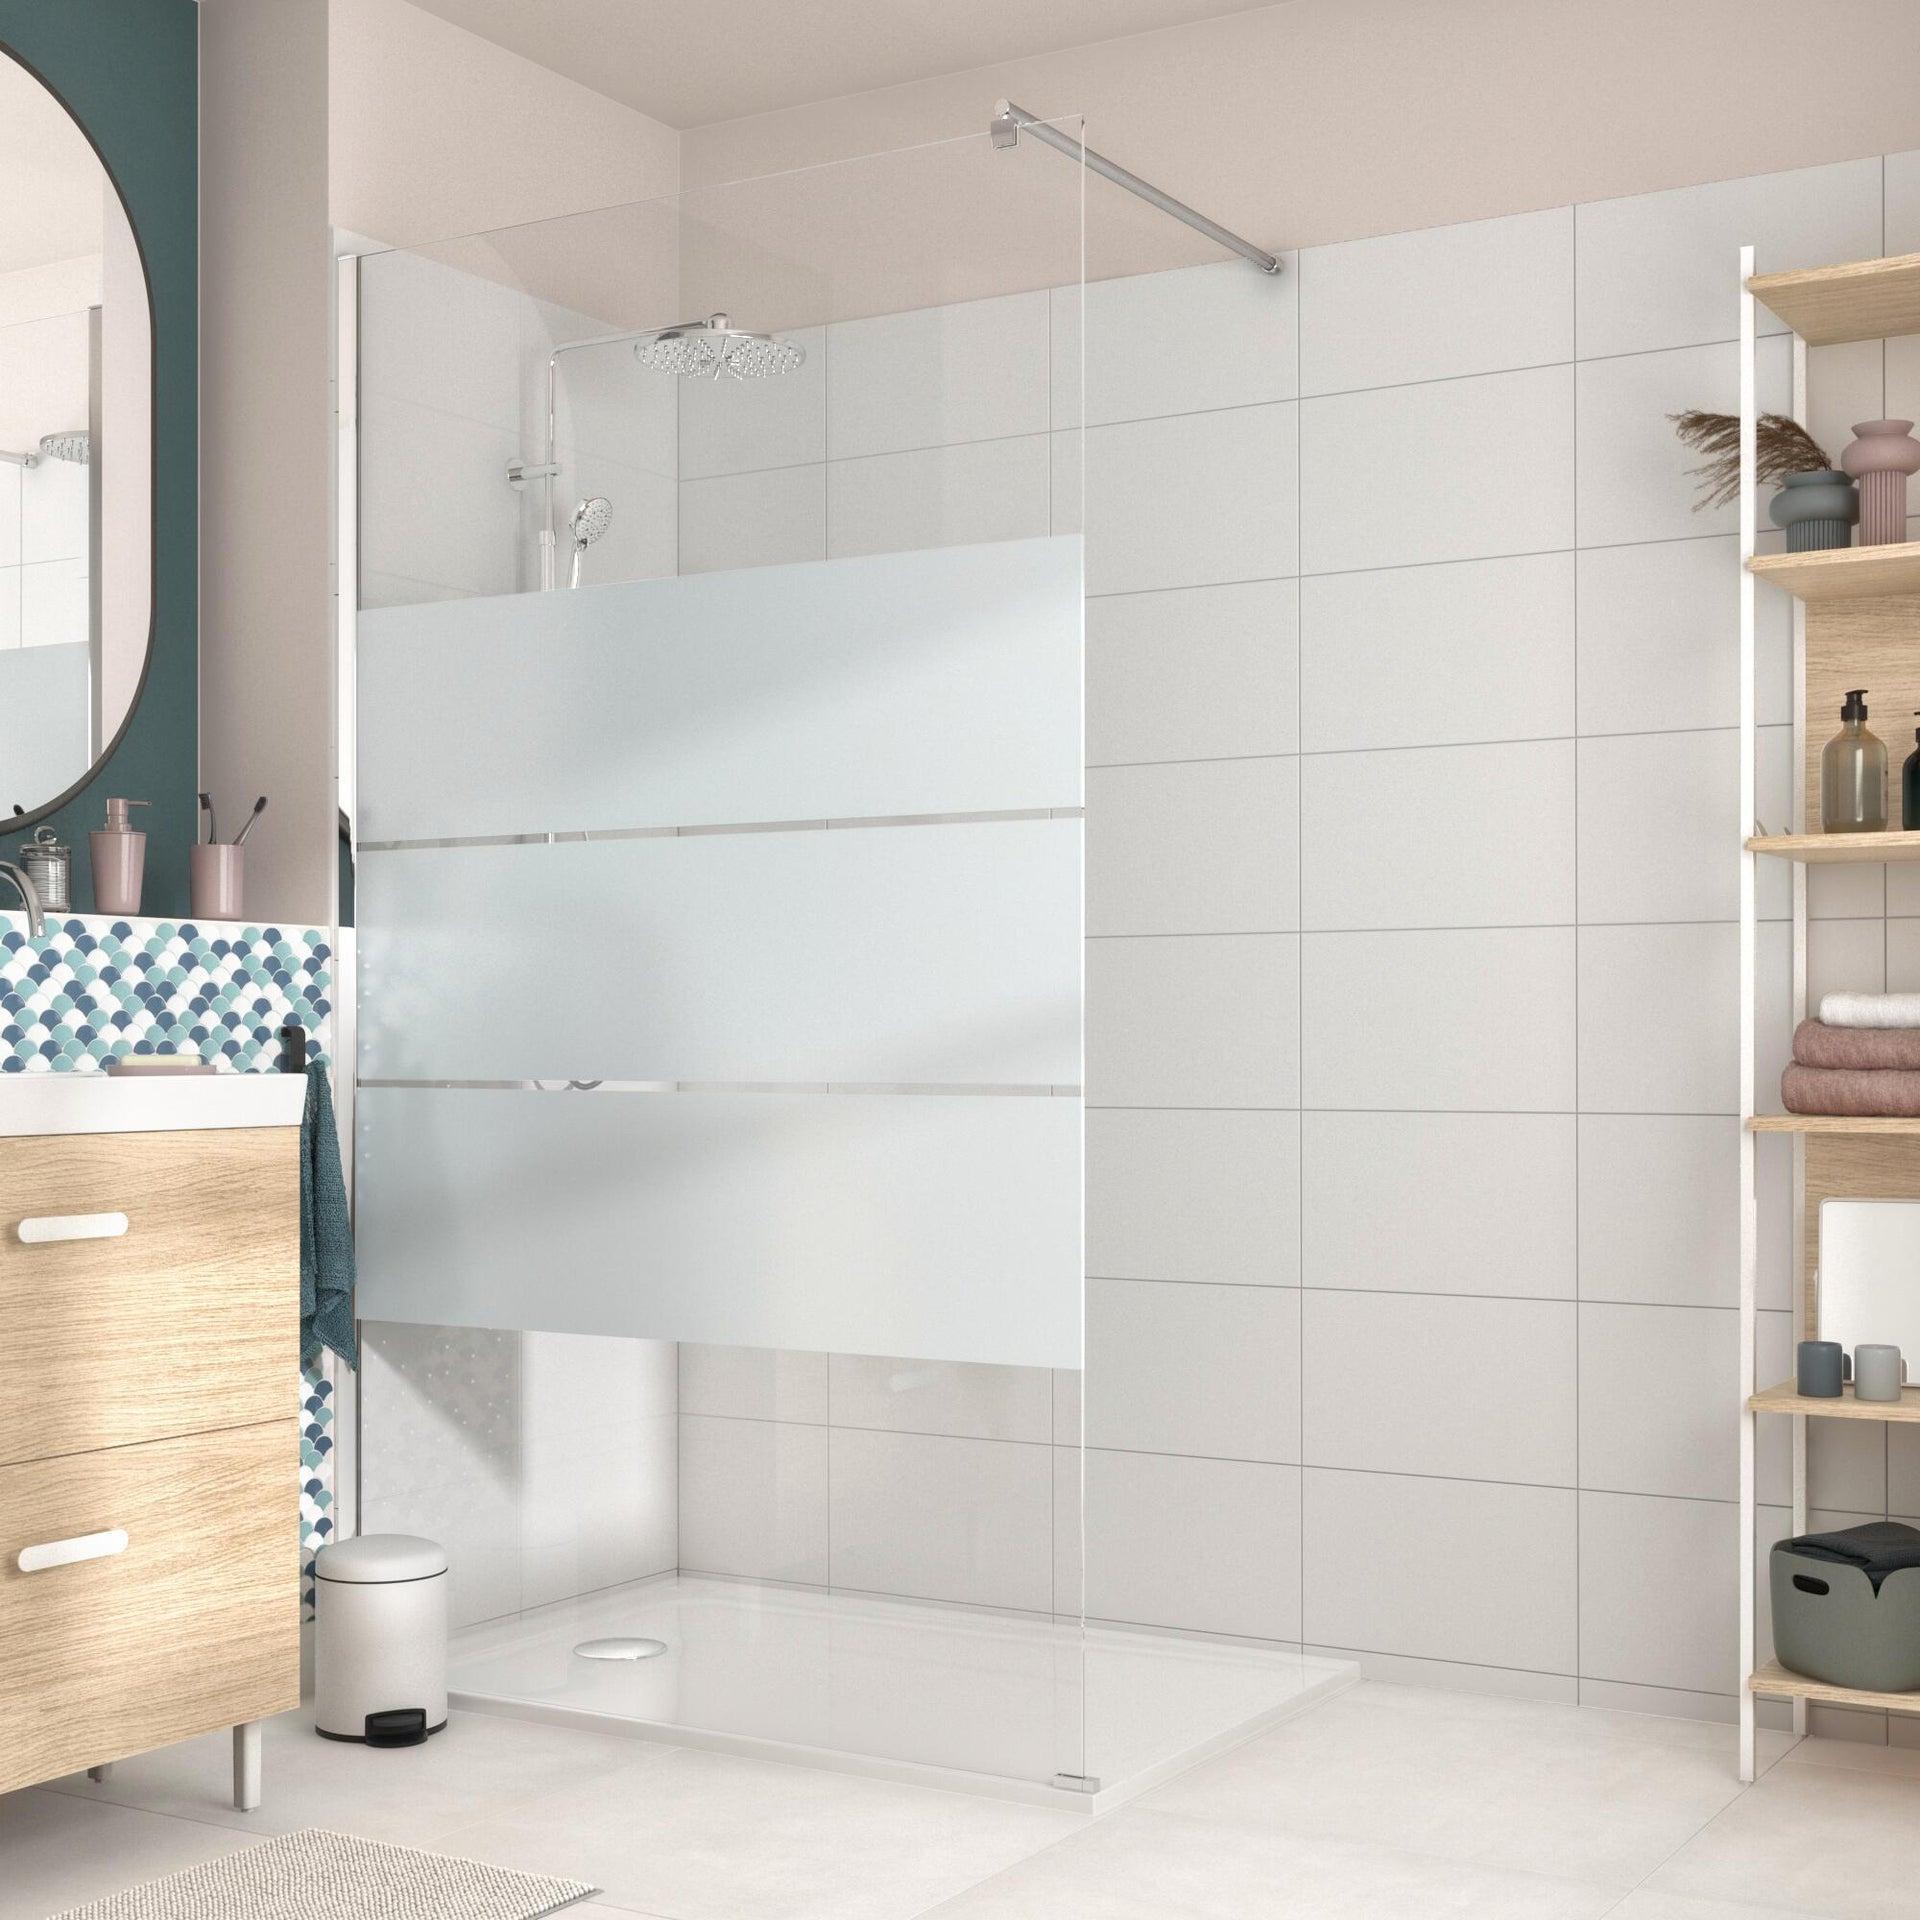 Piatto doccia resina sintetica e polvere di marmo Easy 80 x 120 cm bianco - 6